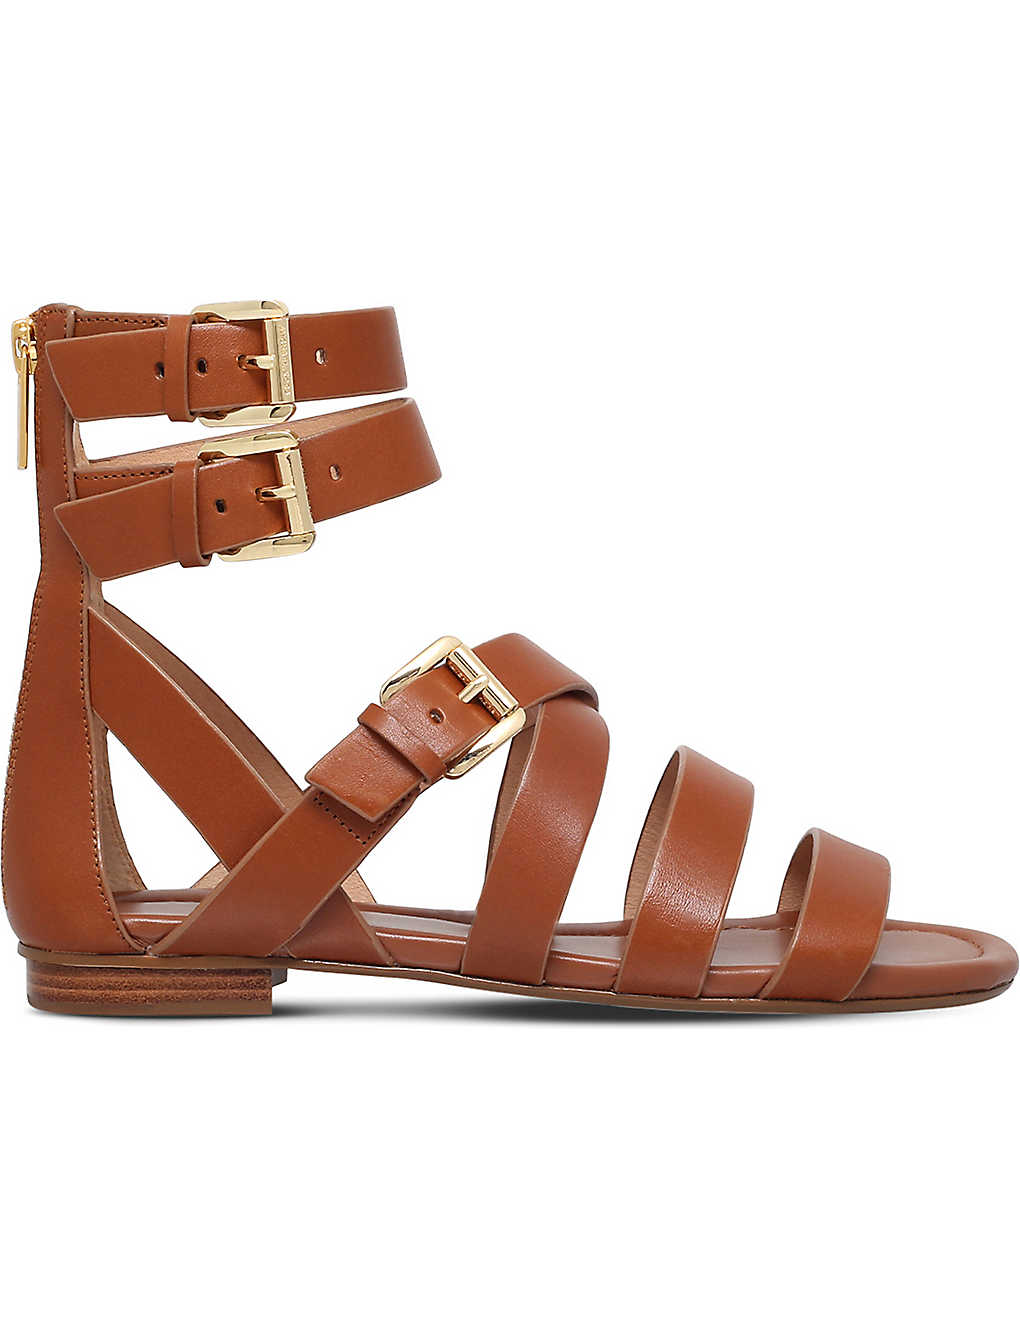 ab673d9b08d MICHAEL MICHAEL KORS - Jocelyn leather sandals